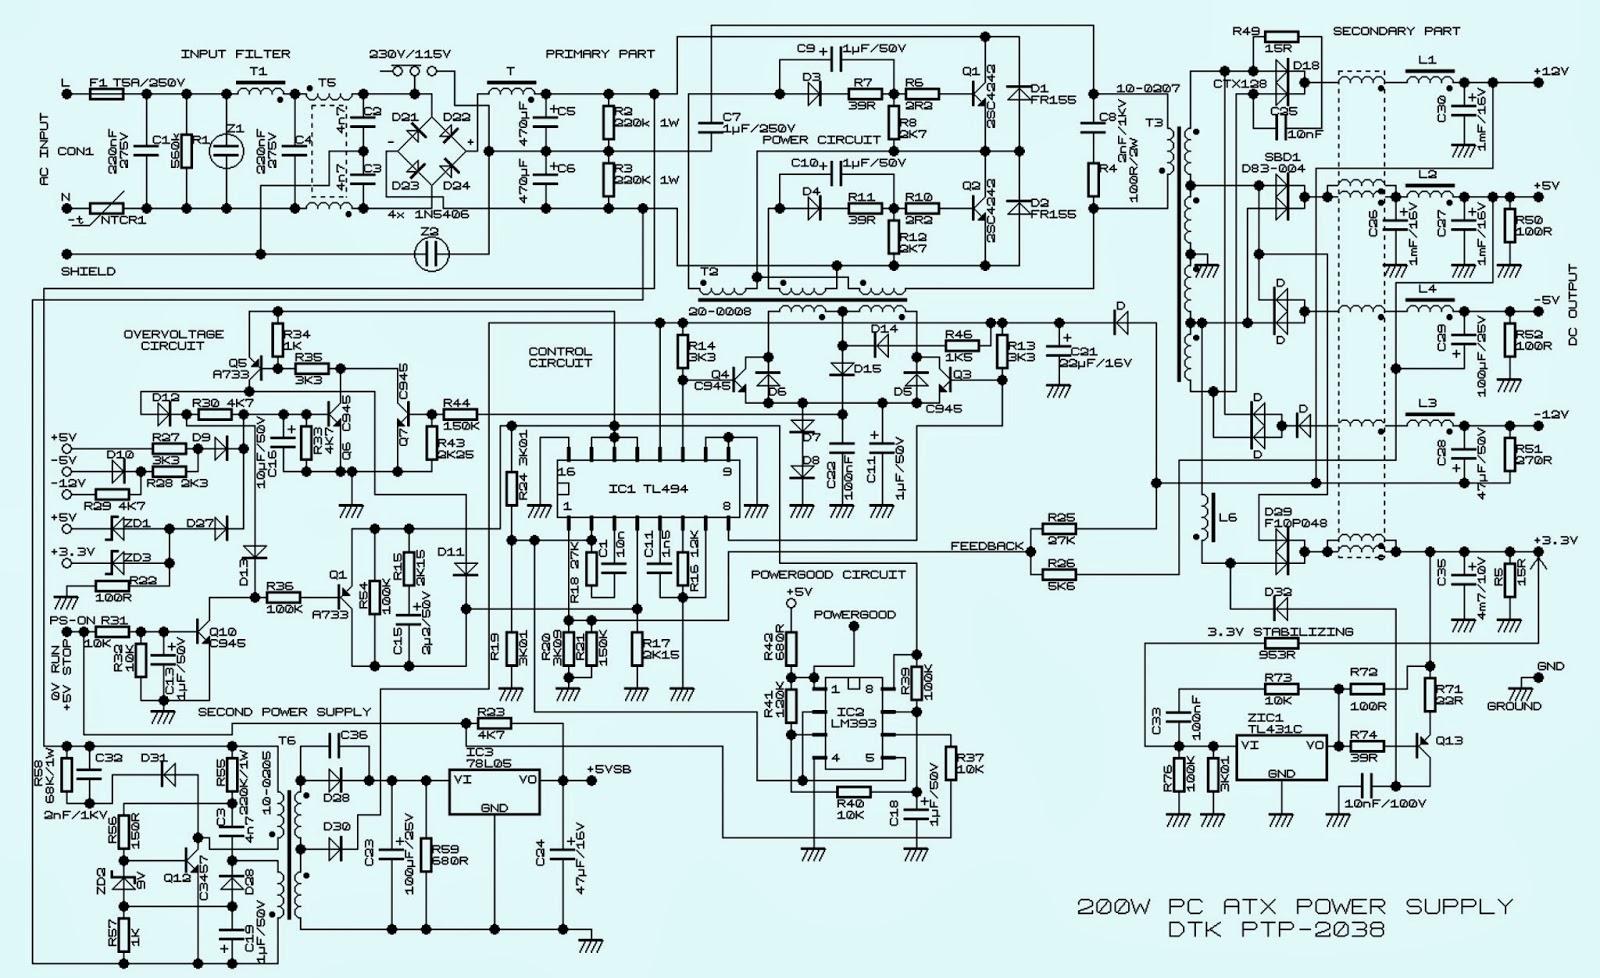 GW_7987] Puter Wiring Diagram Free Picture SchematicWww Mohammedshrine Librar Wiring 101